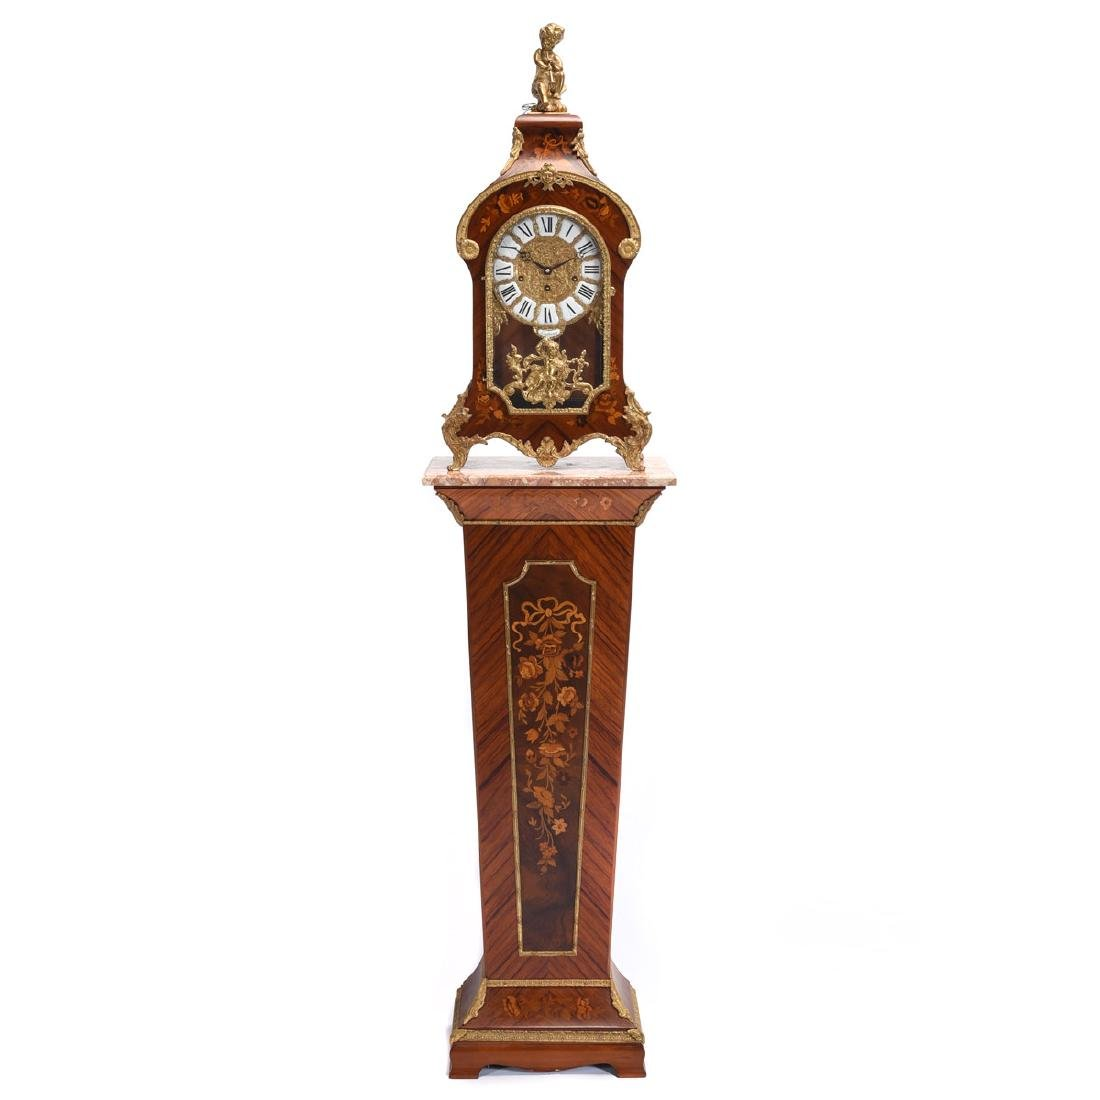 Tiffany Marquetry Mantel Clock on Plinth Pedestal Base